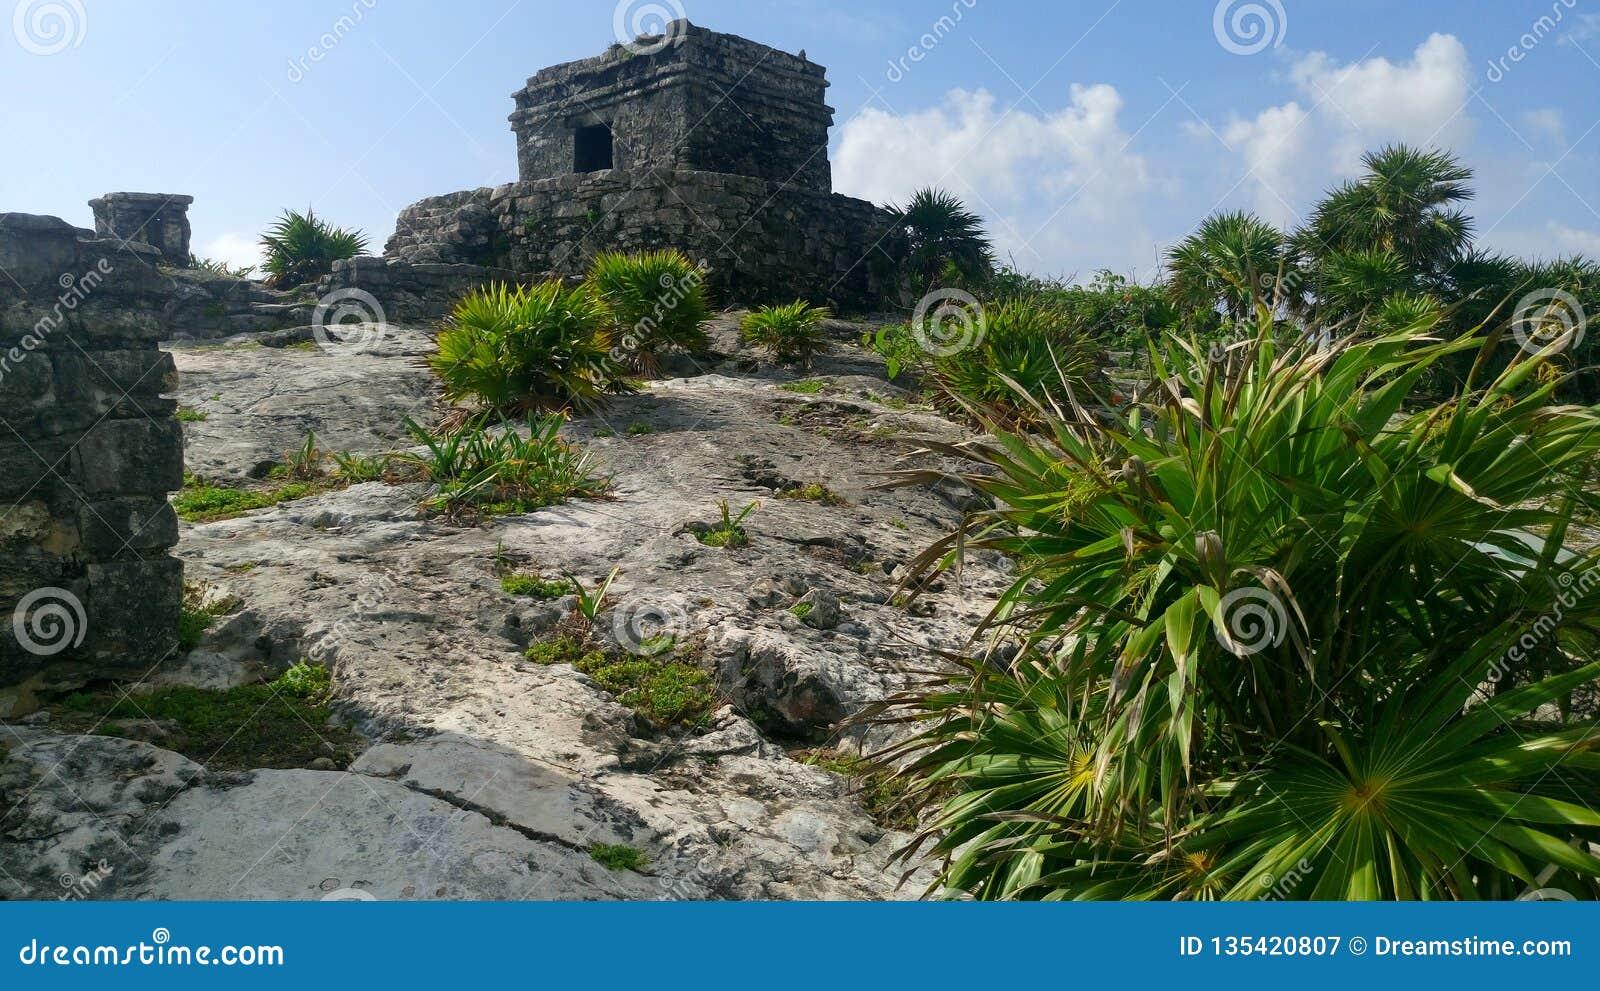 Tulum National Park - Mexico